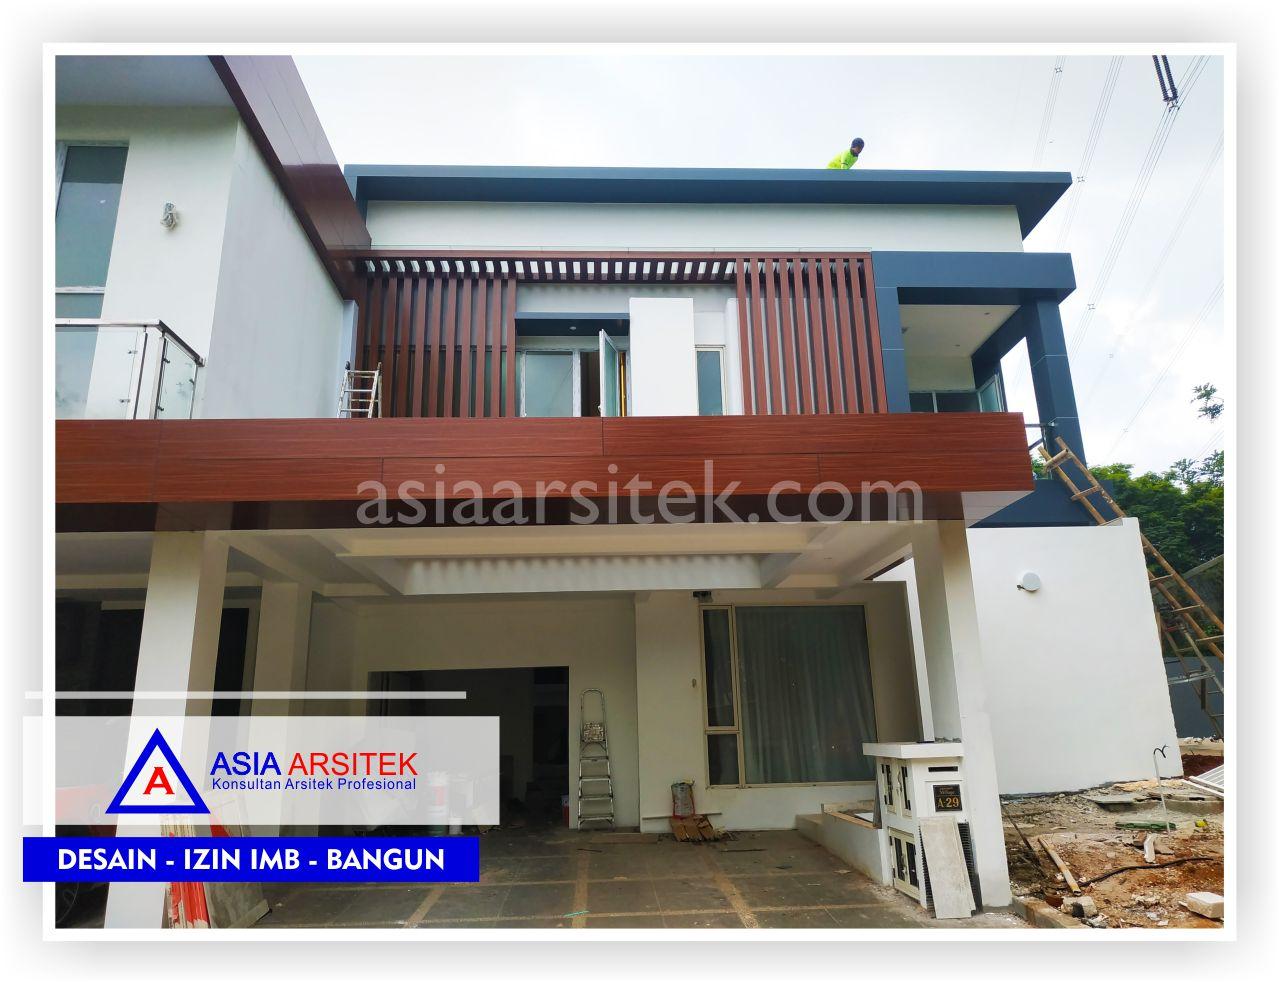 Area Carport Rumah Minimalis Bpk Ananda Di Tangerang-Jakarta-Bogor-Bekasi-Bandung-Jasa Konsultan Arsitek Profesional - Desain Rumah Mewah - Arsitek Gambar Desain Rumah Klasik Mewah 2